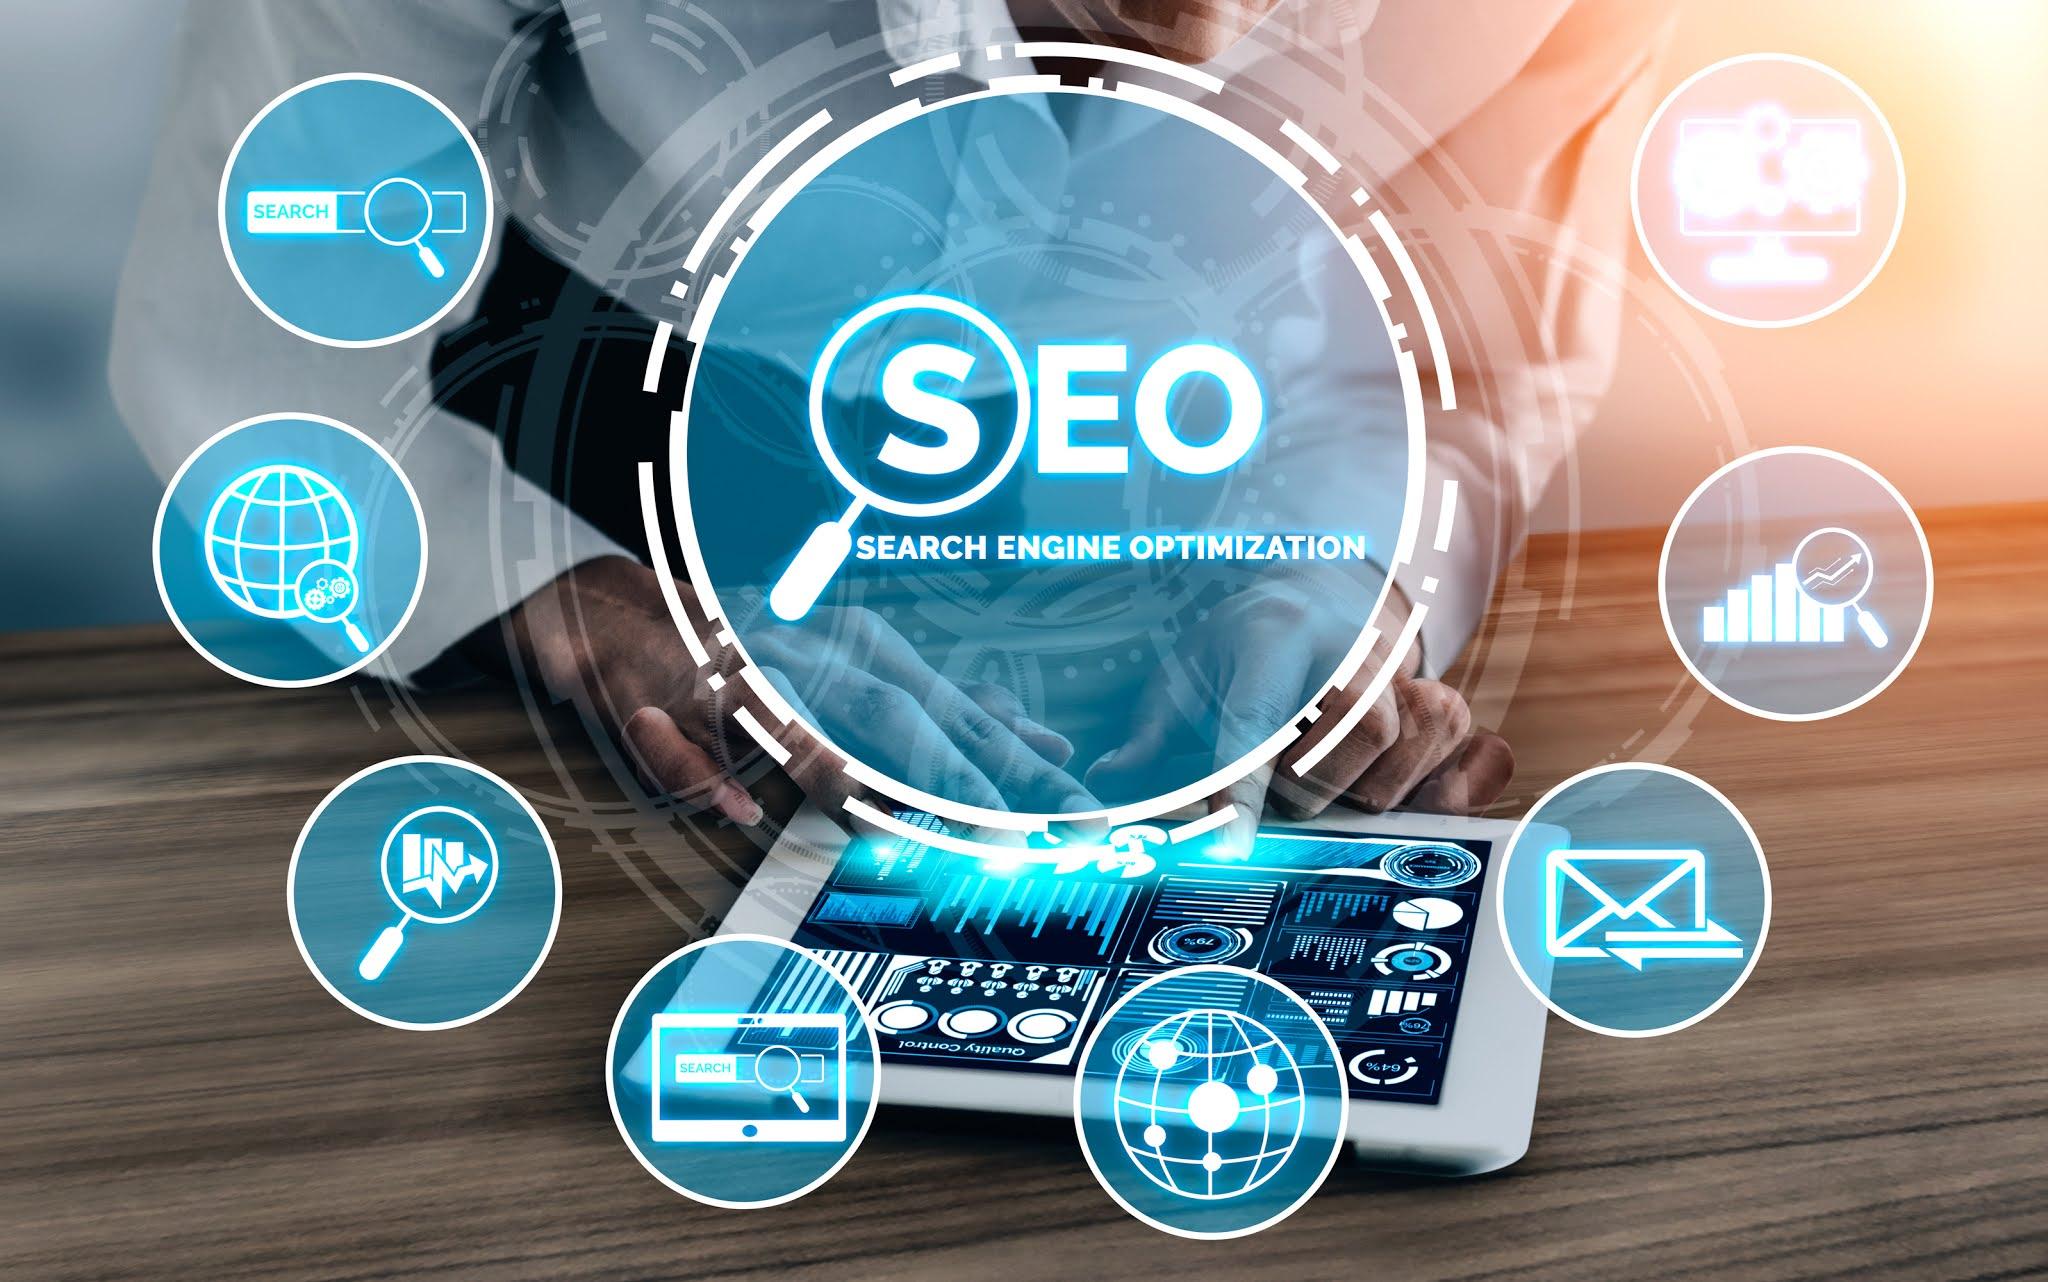 4 herramientas gratuitas para hacer un análisis SEO rápido y efectivo de tu sitio web